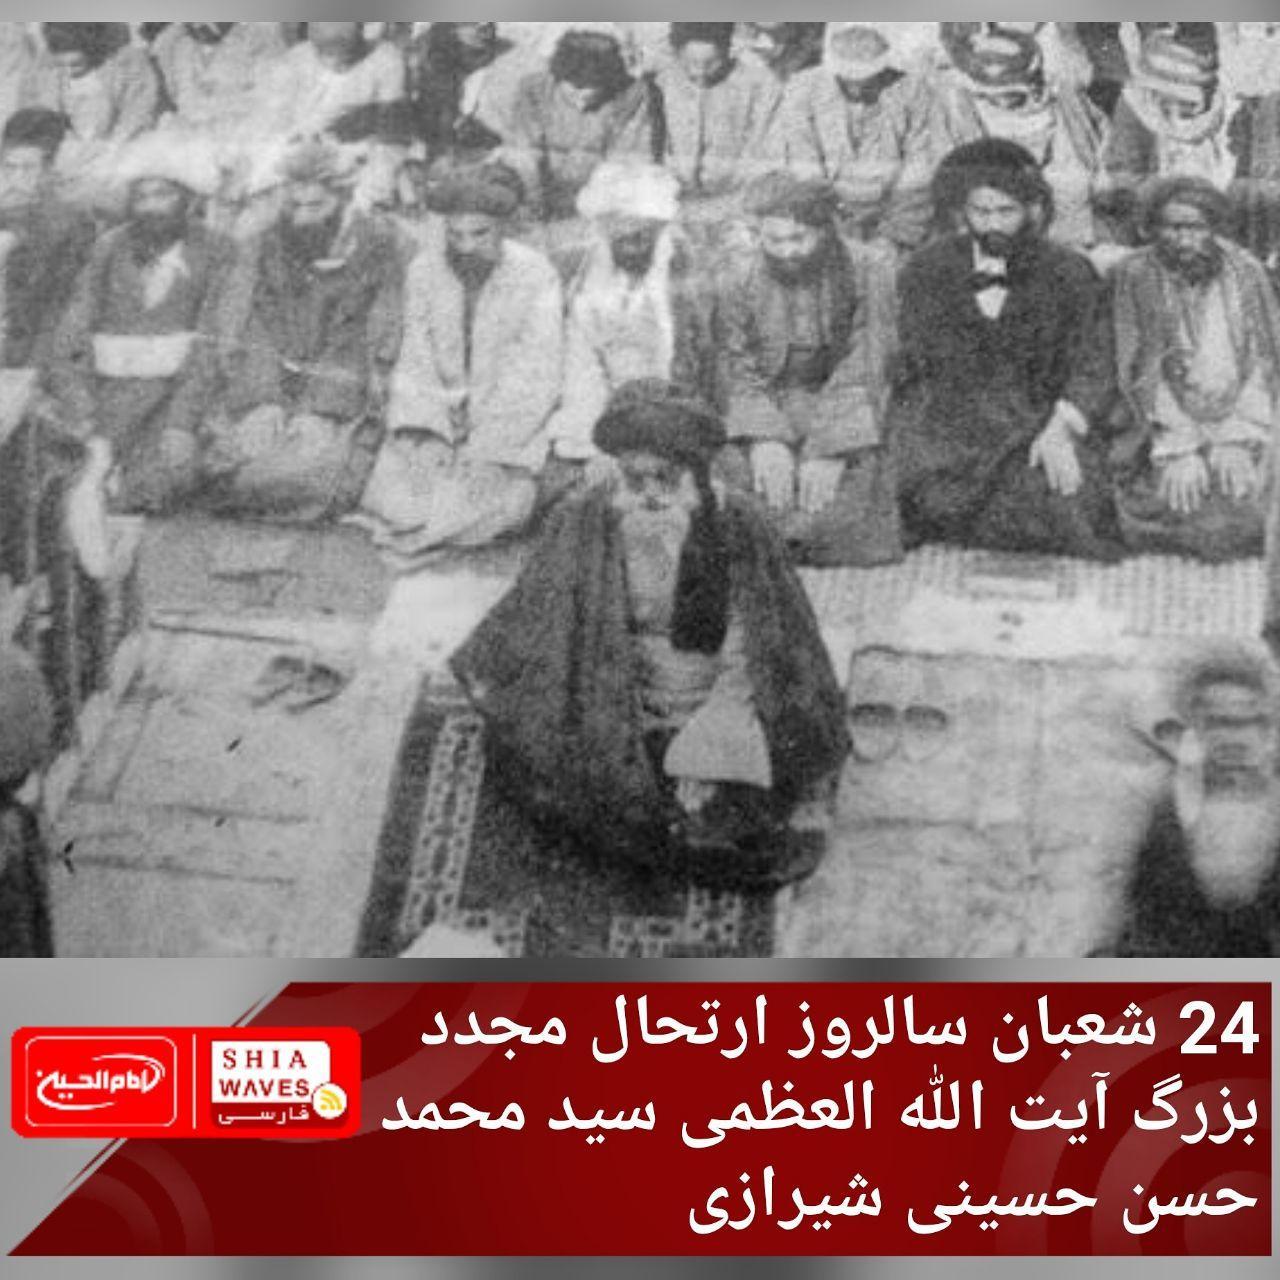 تصویر 24 شعبان سالروز ارتحال مجدد بزرگ آیت الله العظمی سید محمد حسن حسینی شیرازی